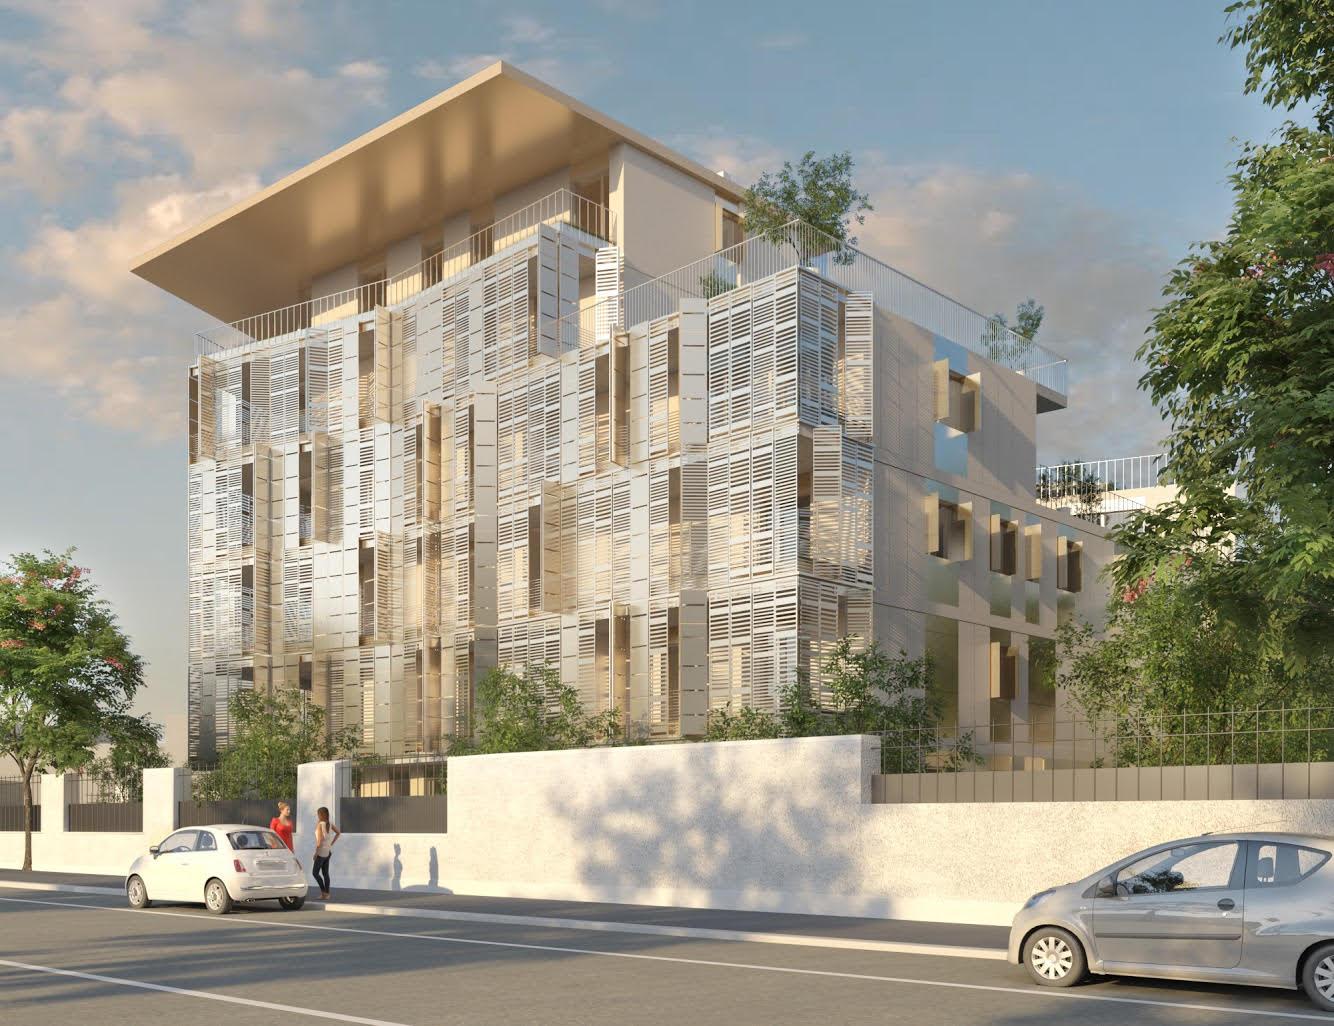 Il nuovo progetto della Villa Paolina di It's visto da una facciata laterale